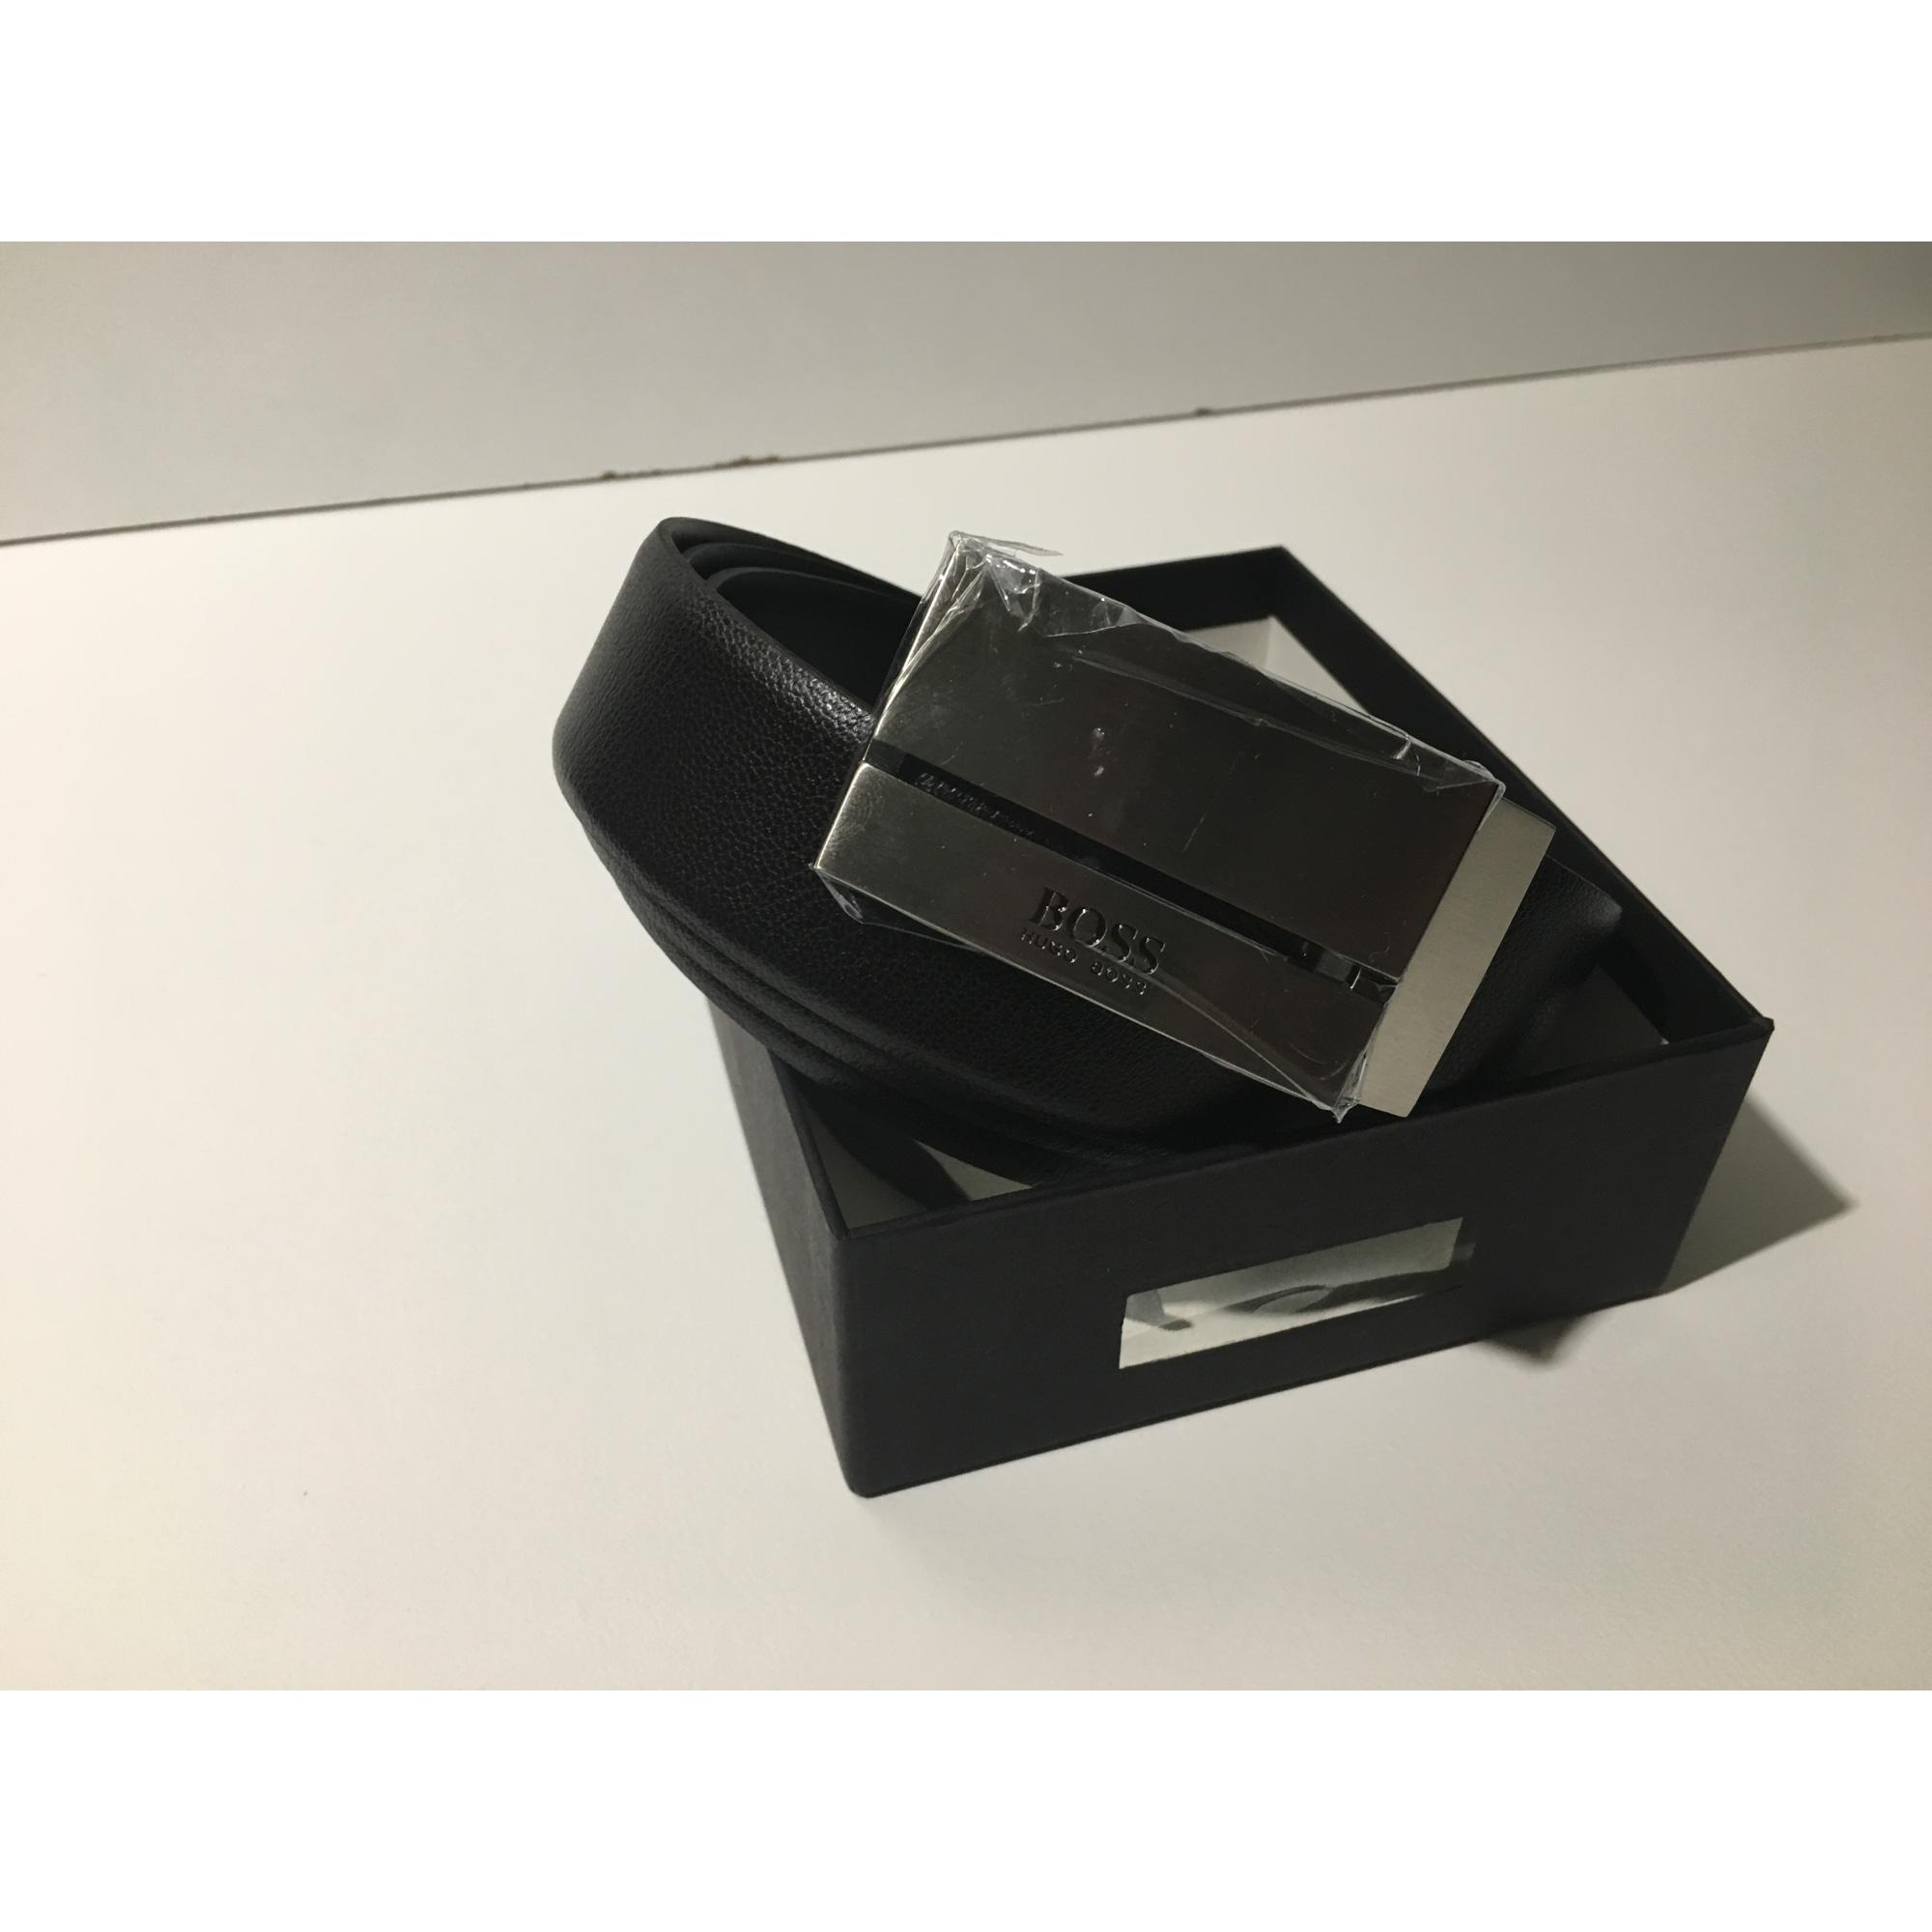 9cd57240e964 Ceinture HUGO BOSS Taille unique noir vendu par Adrigre - 5318460